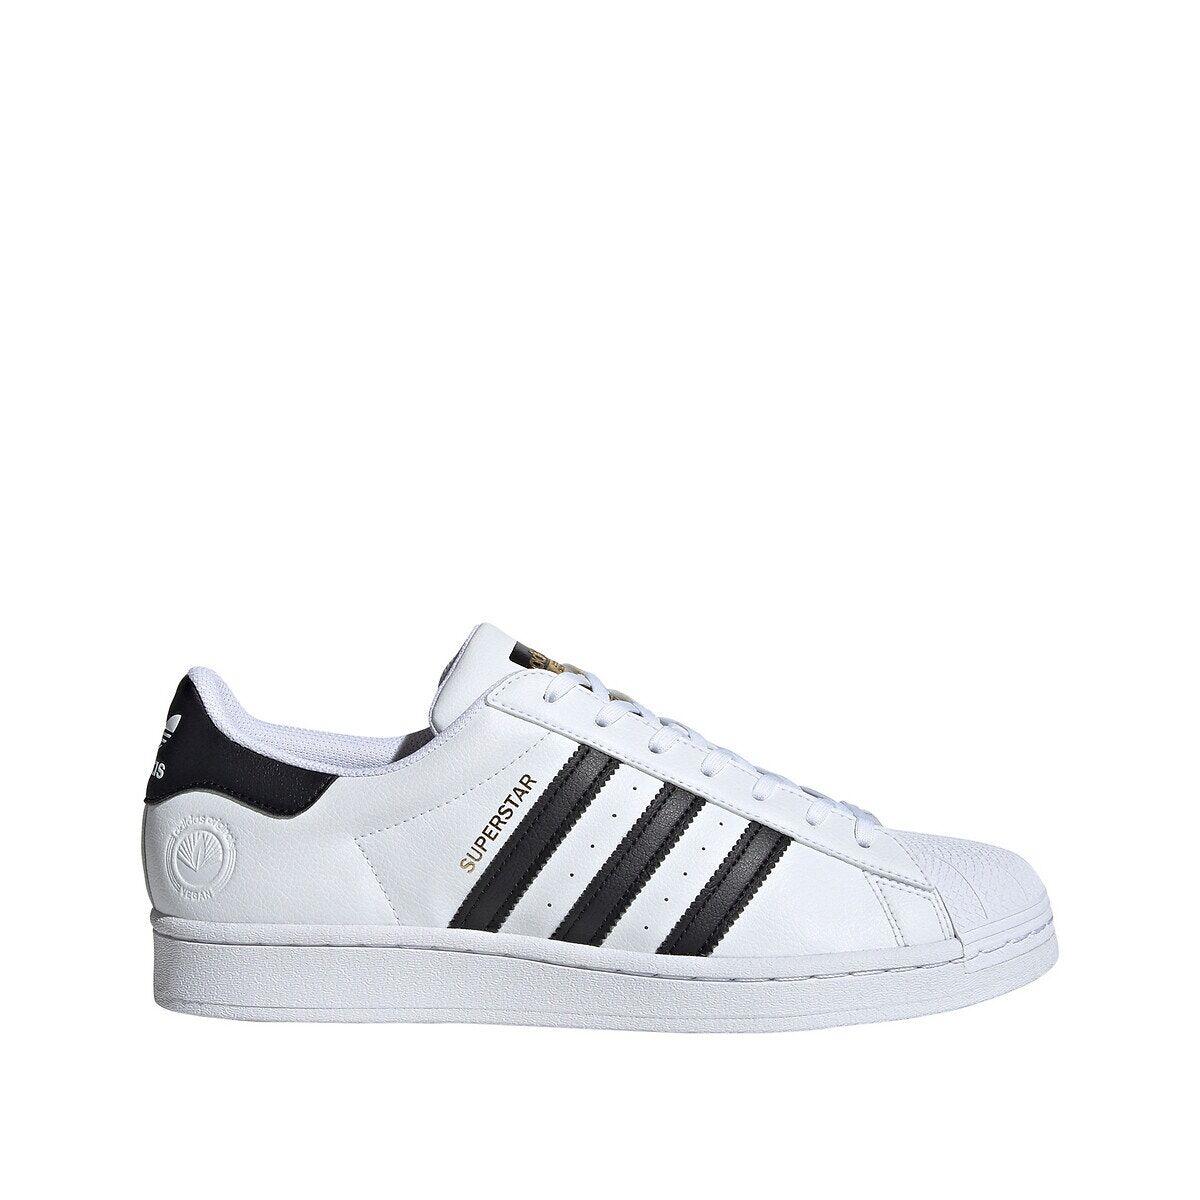 Adidas Zapatillas deportivas Superstar BLANCO